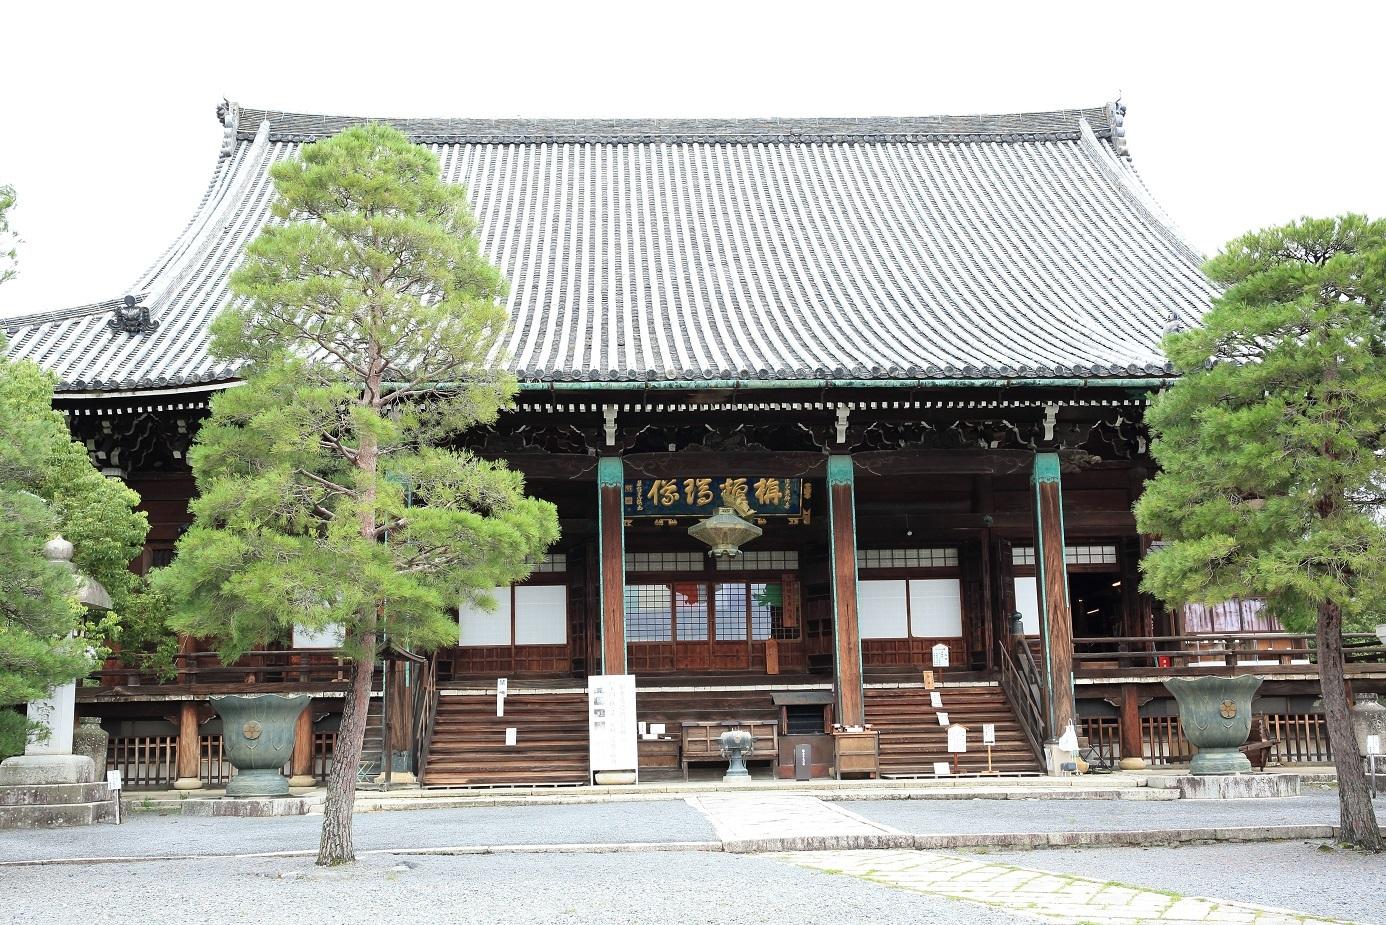 ブログ 清涼寺本堂 左の方の松は倒れてた.jpg